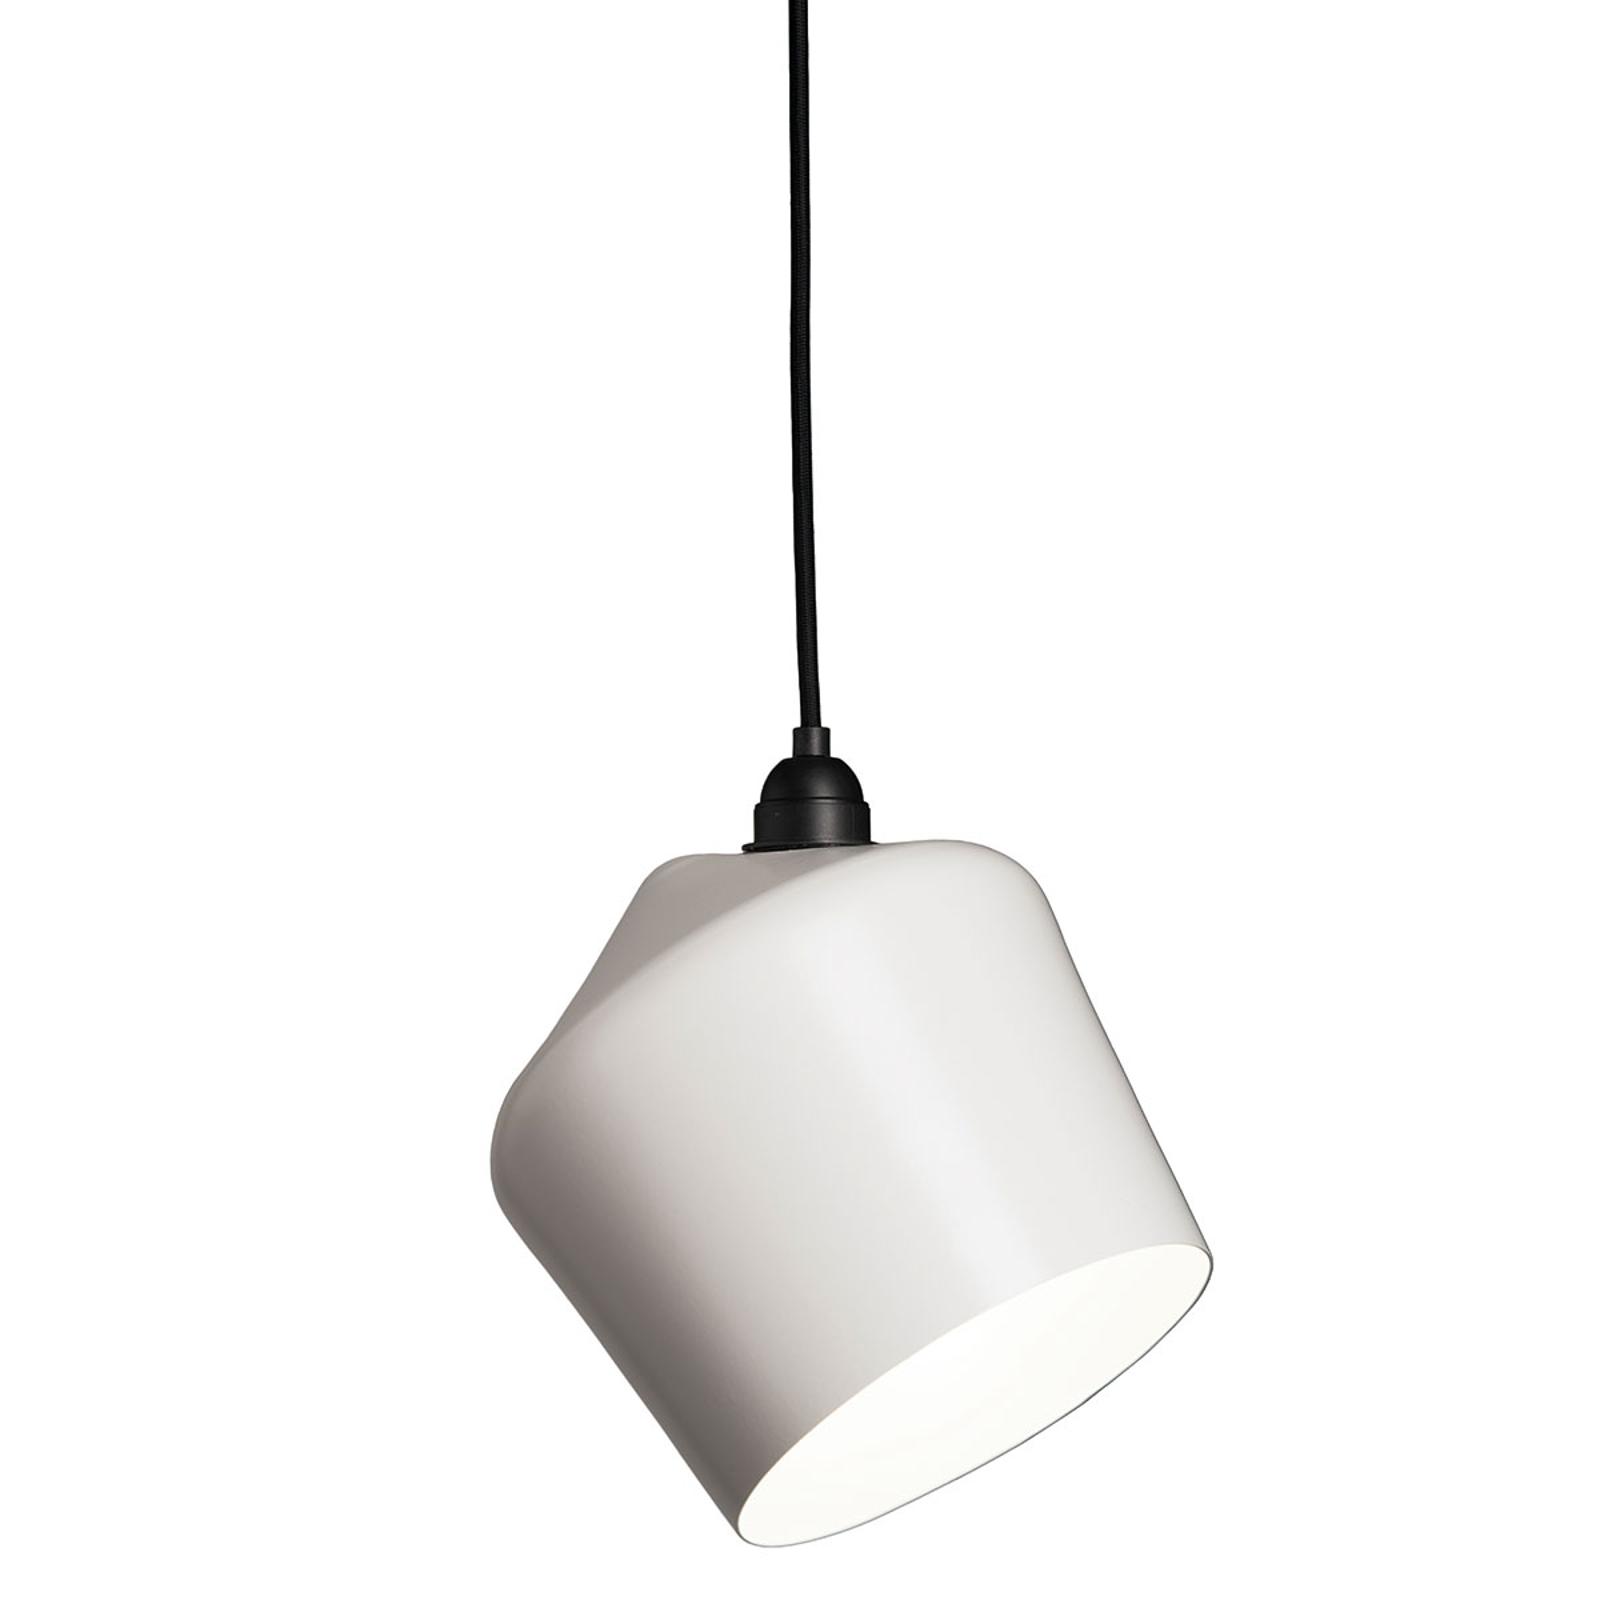 Innolux Pasila Design-Pendelleuchte weiß